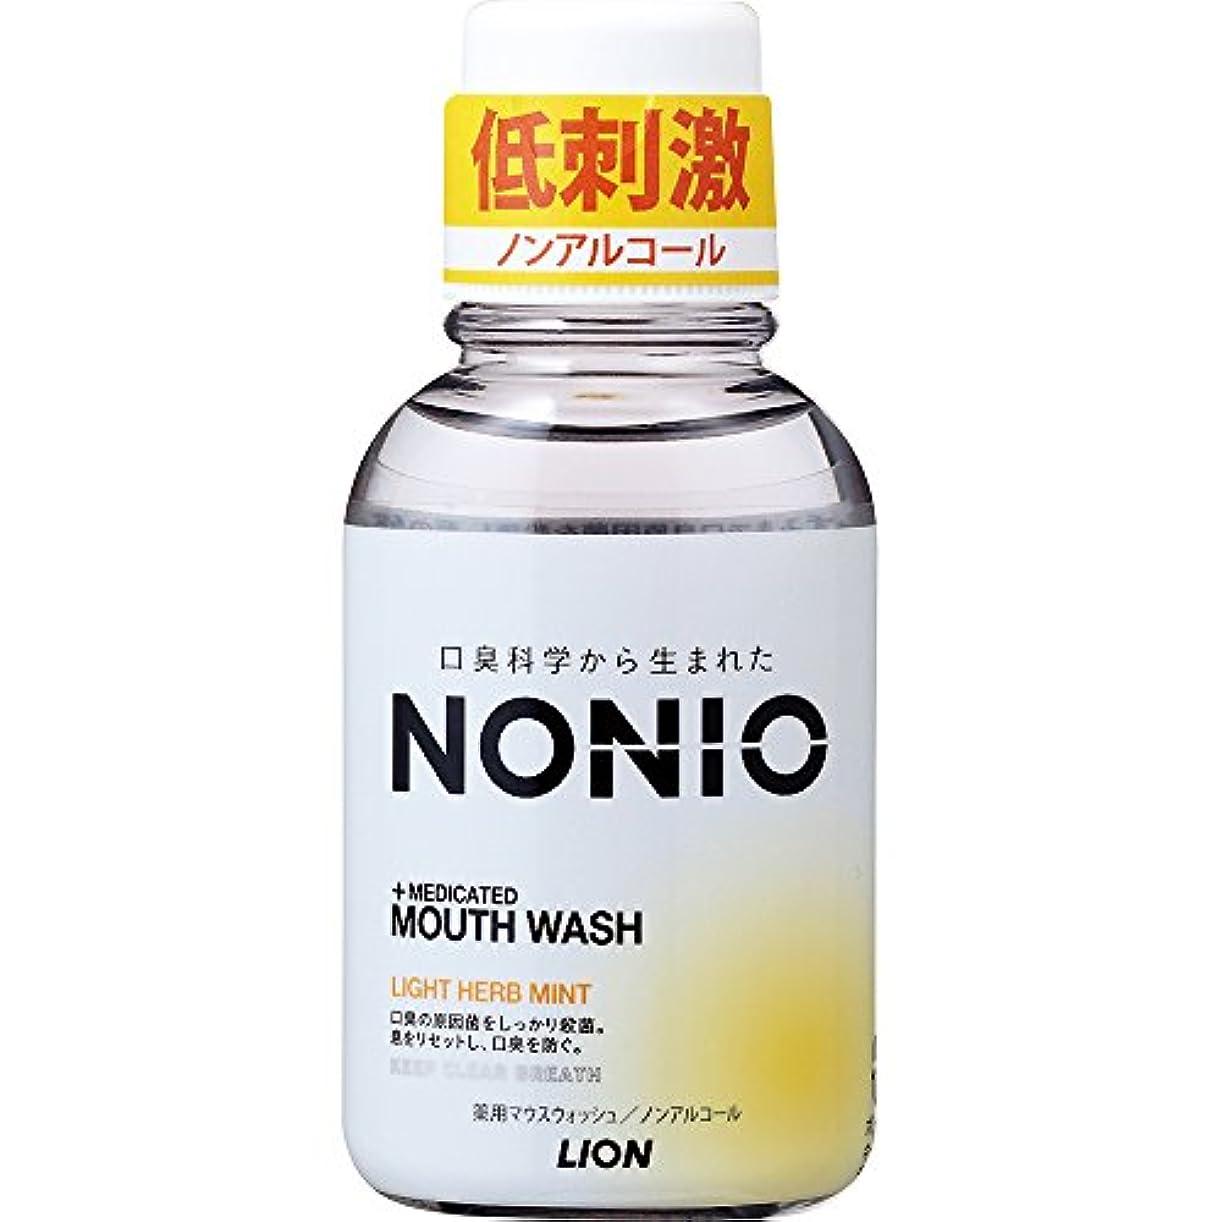 ペチュランスうぬぼれた鍔NONIO マウスウォッシュ ノンアルコール ライトハーブミント 80ml 洗口液 (医薬部外品)